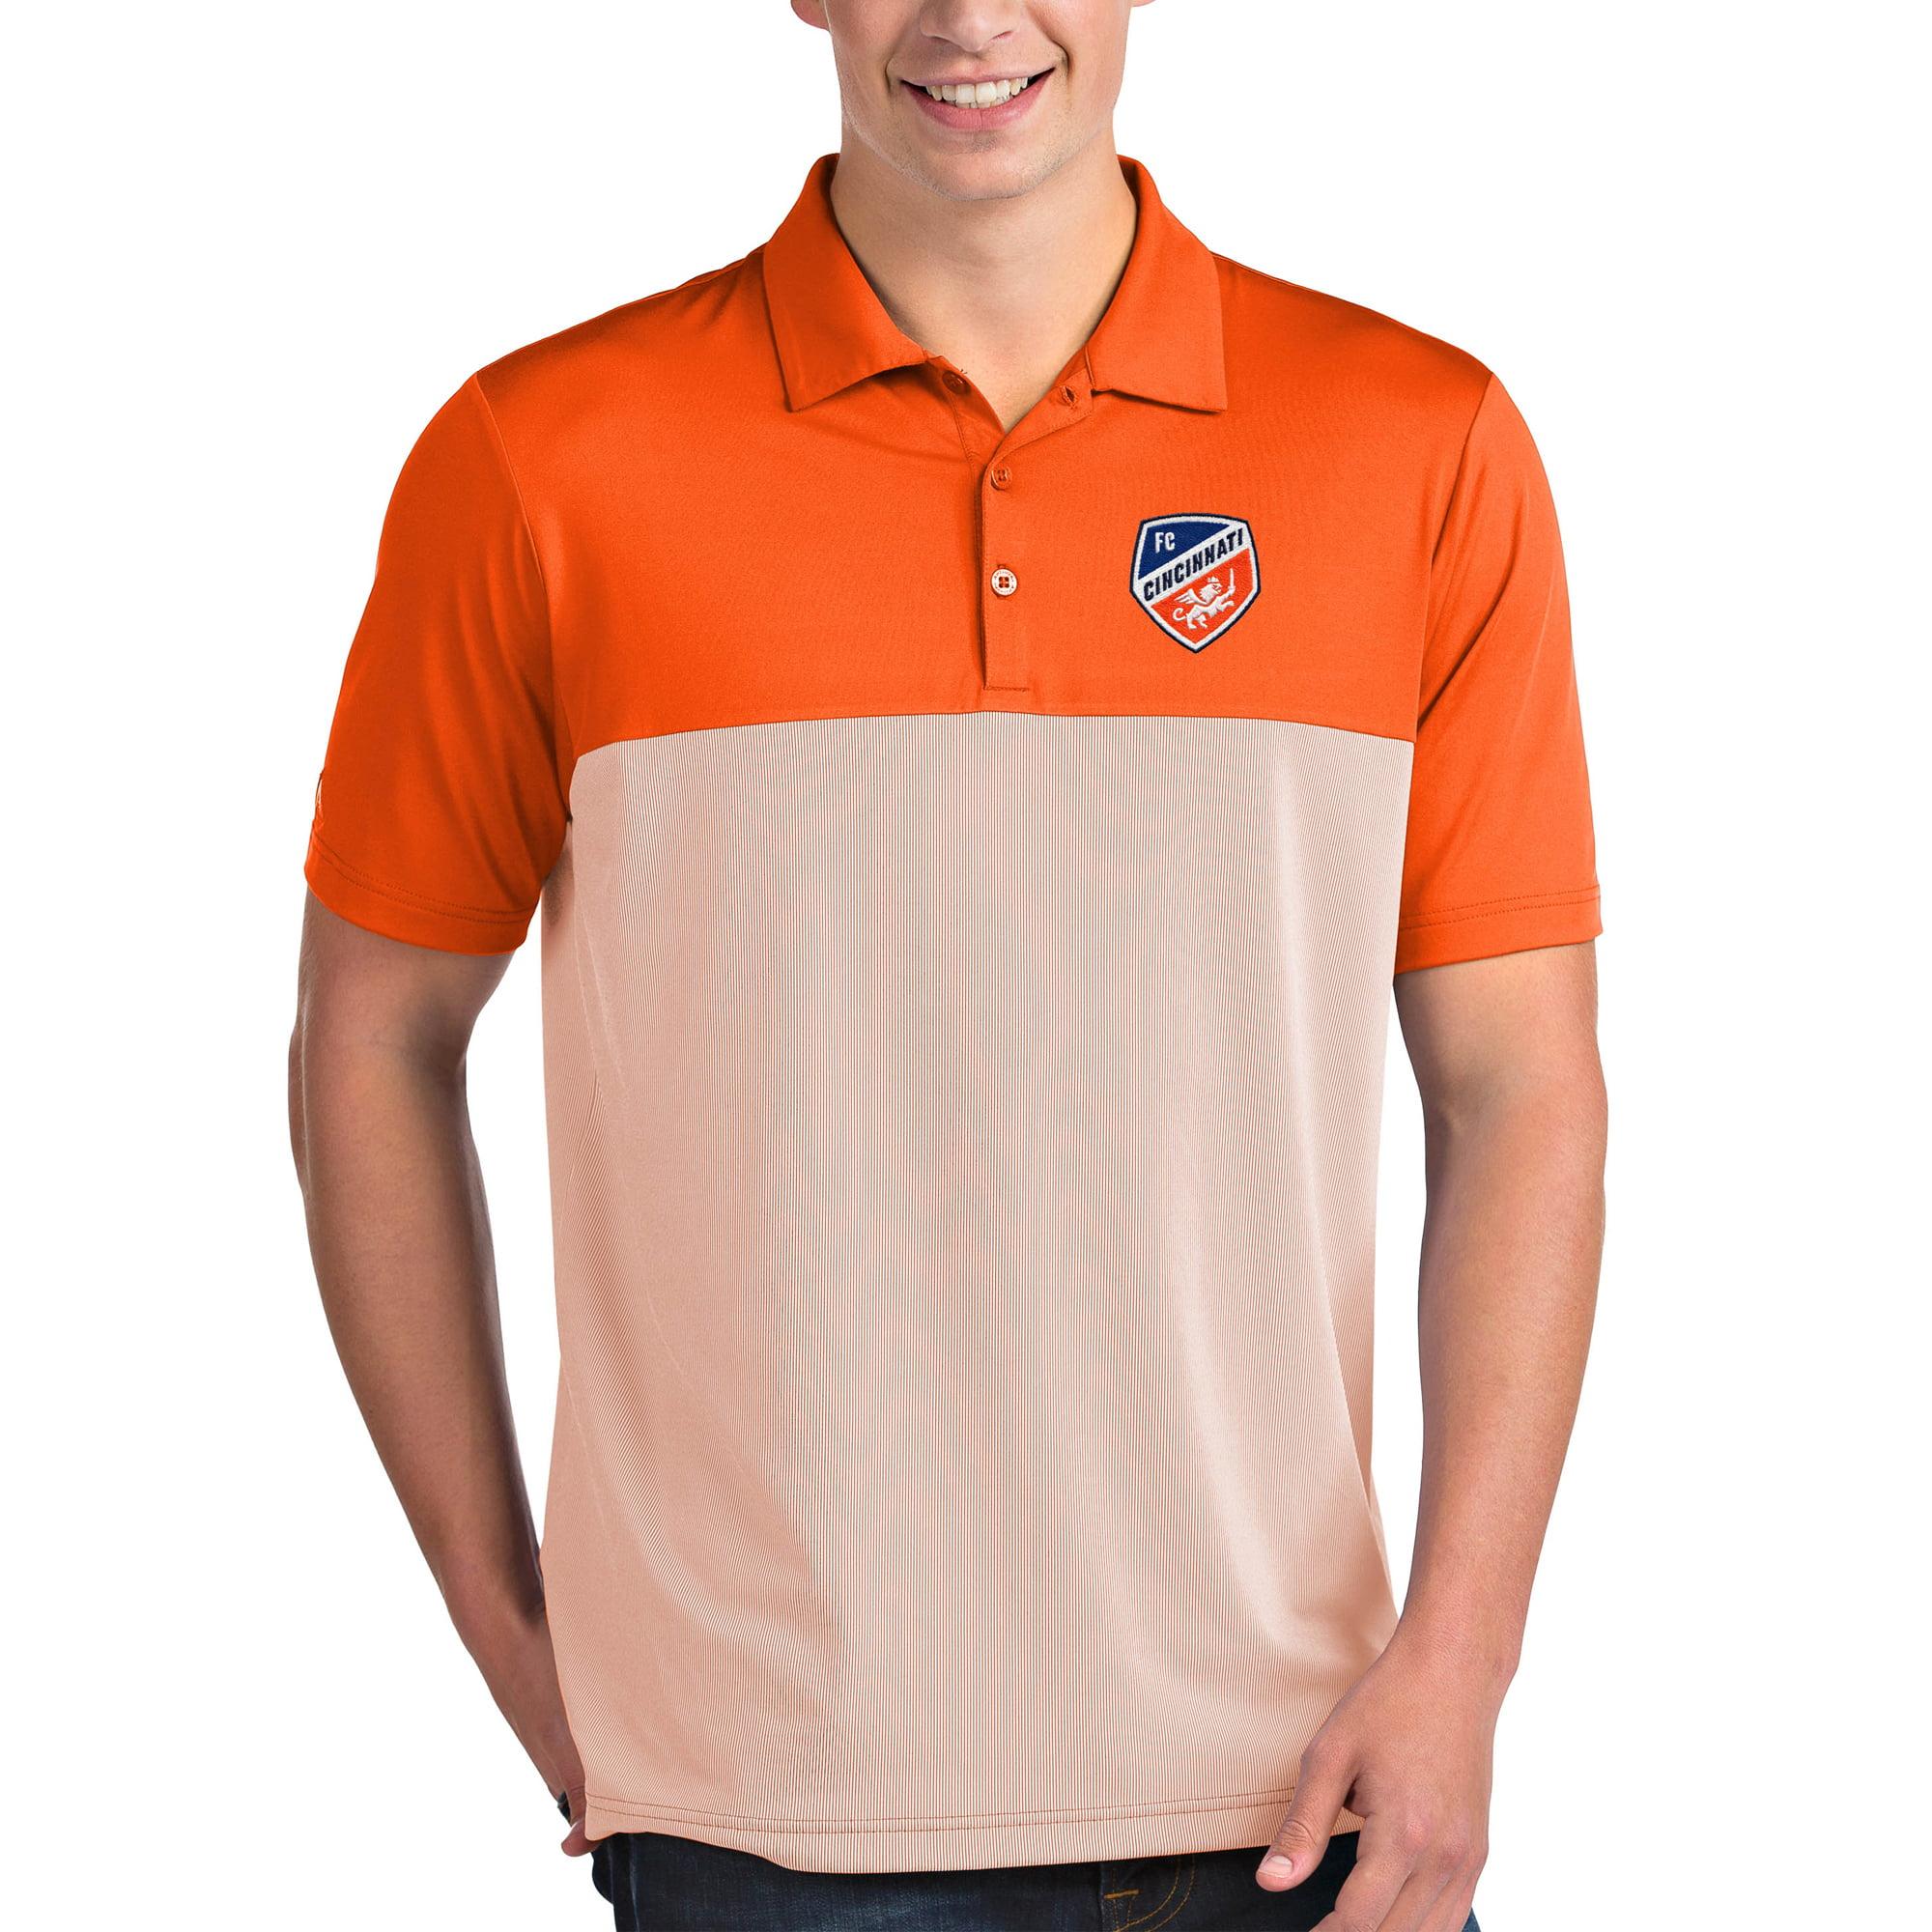 FC Cincinnati Antigua Venture Polo - Orange/White - L